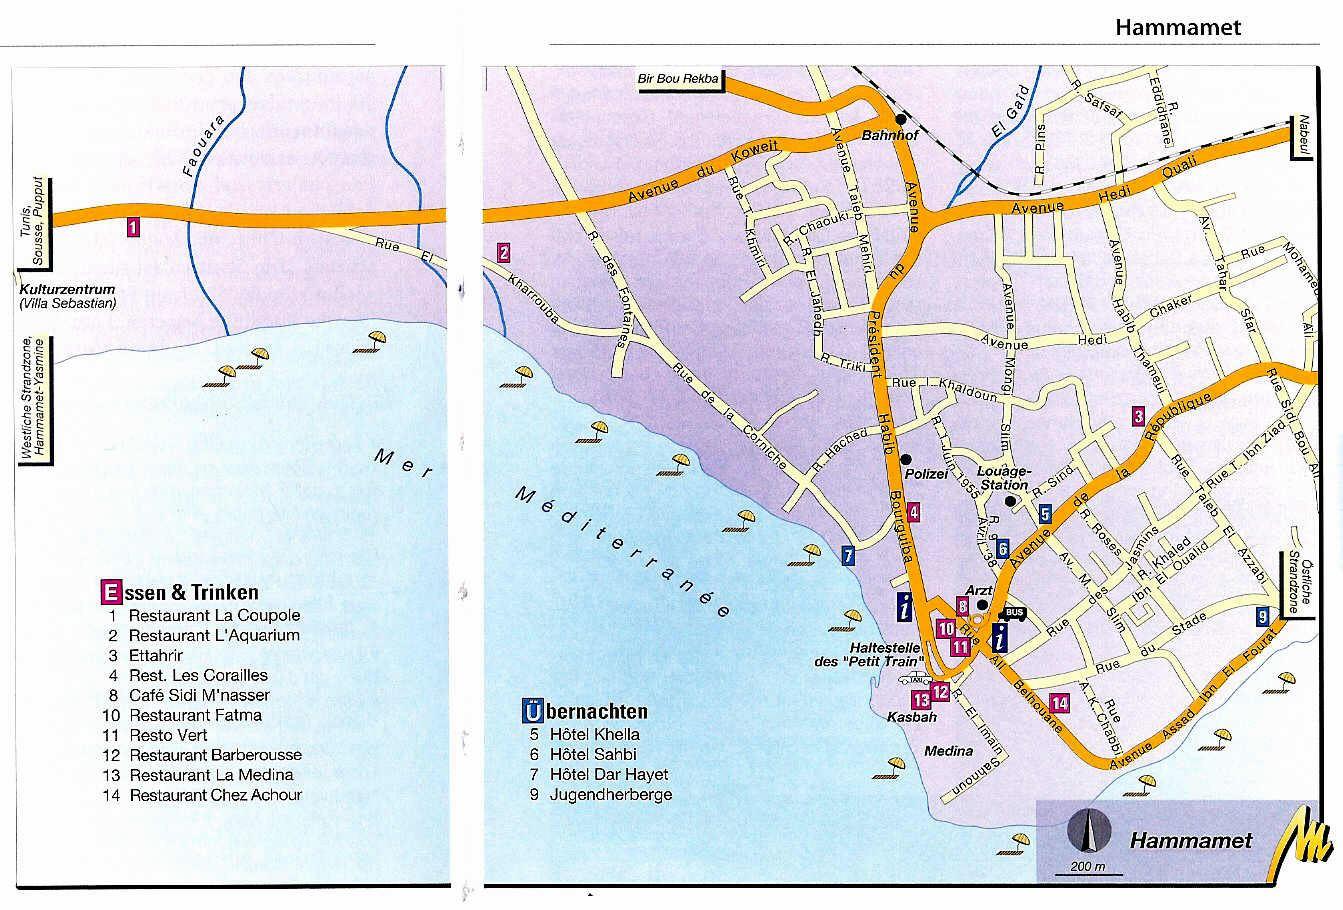 Carte Tunisie Hammamet.Cartes De Hammamet Cartes Typographiques Detaillees De